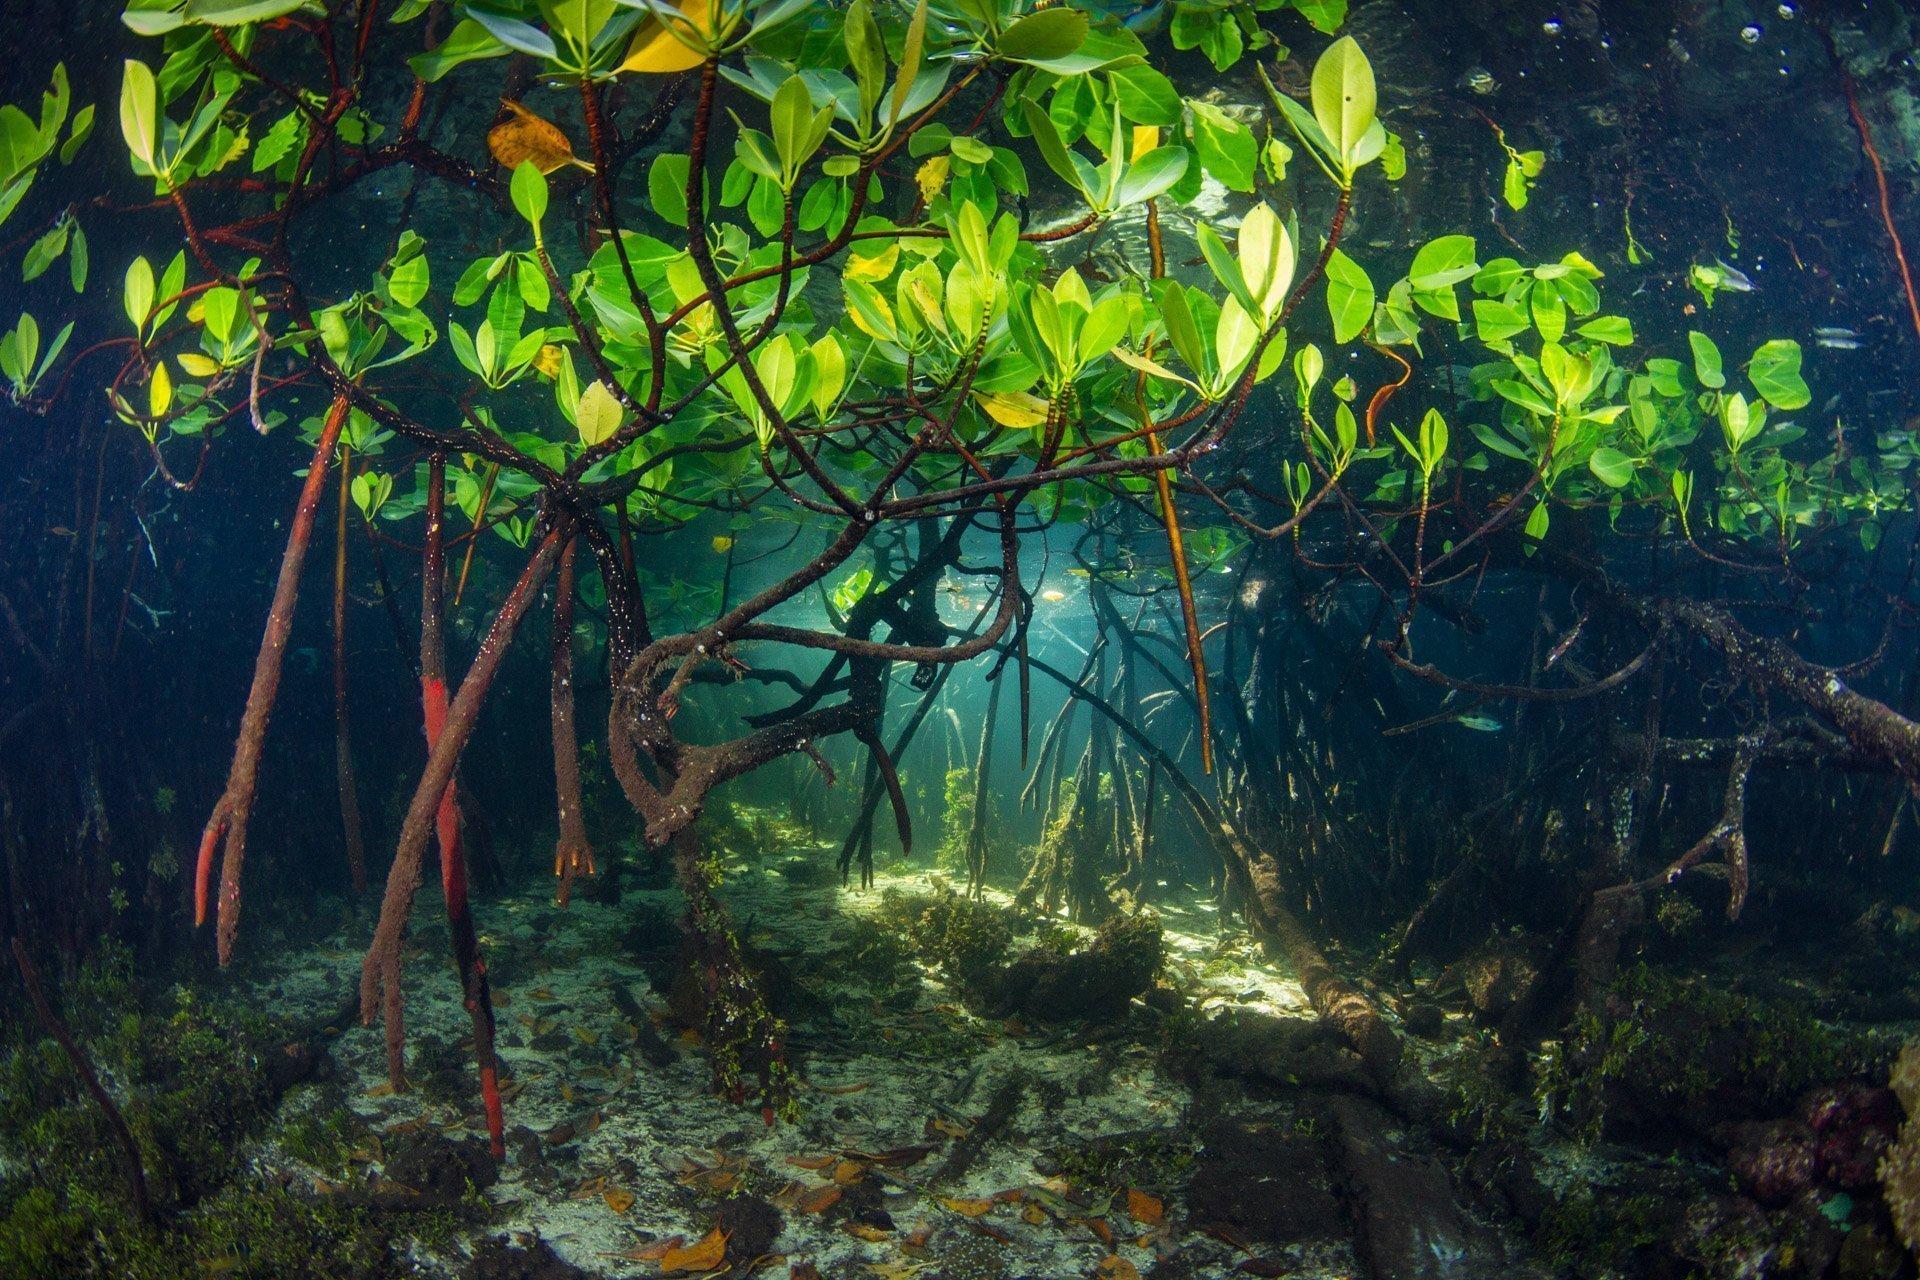 Mangroves viewed from underwater